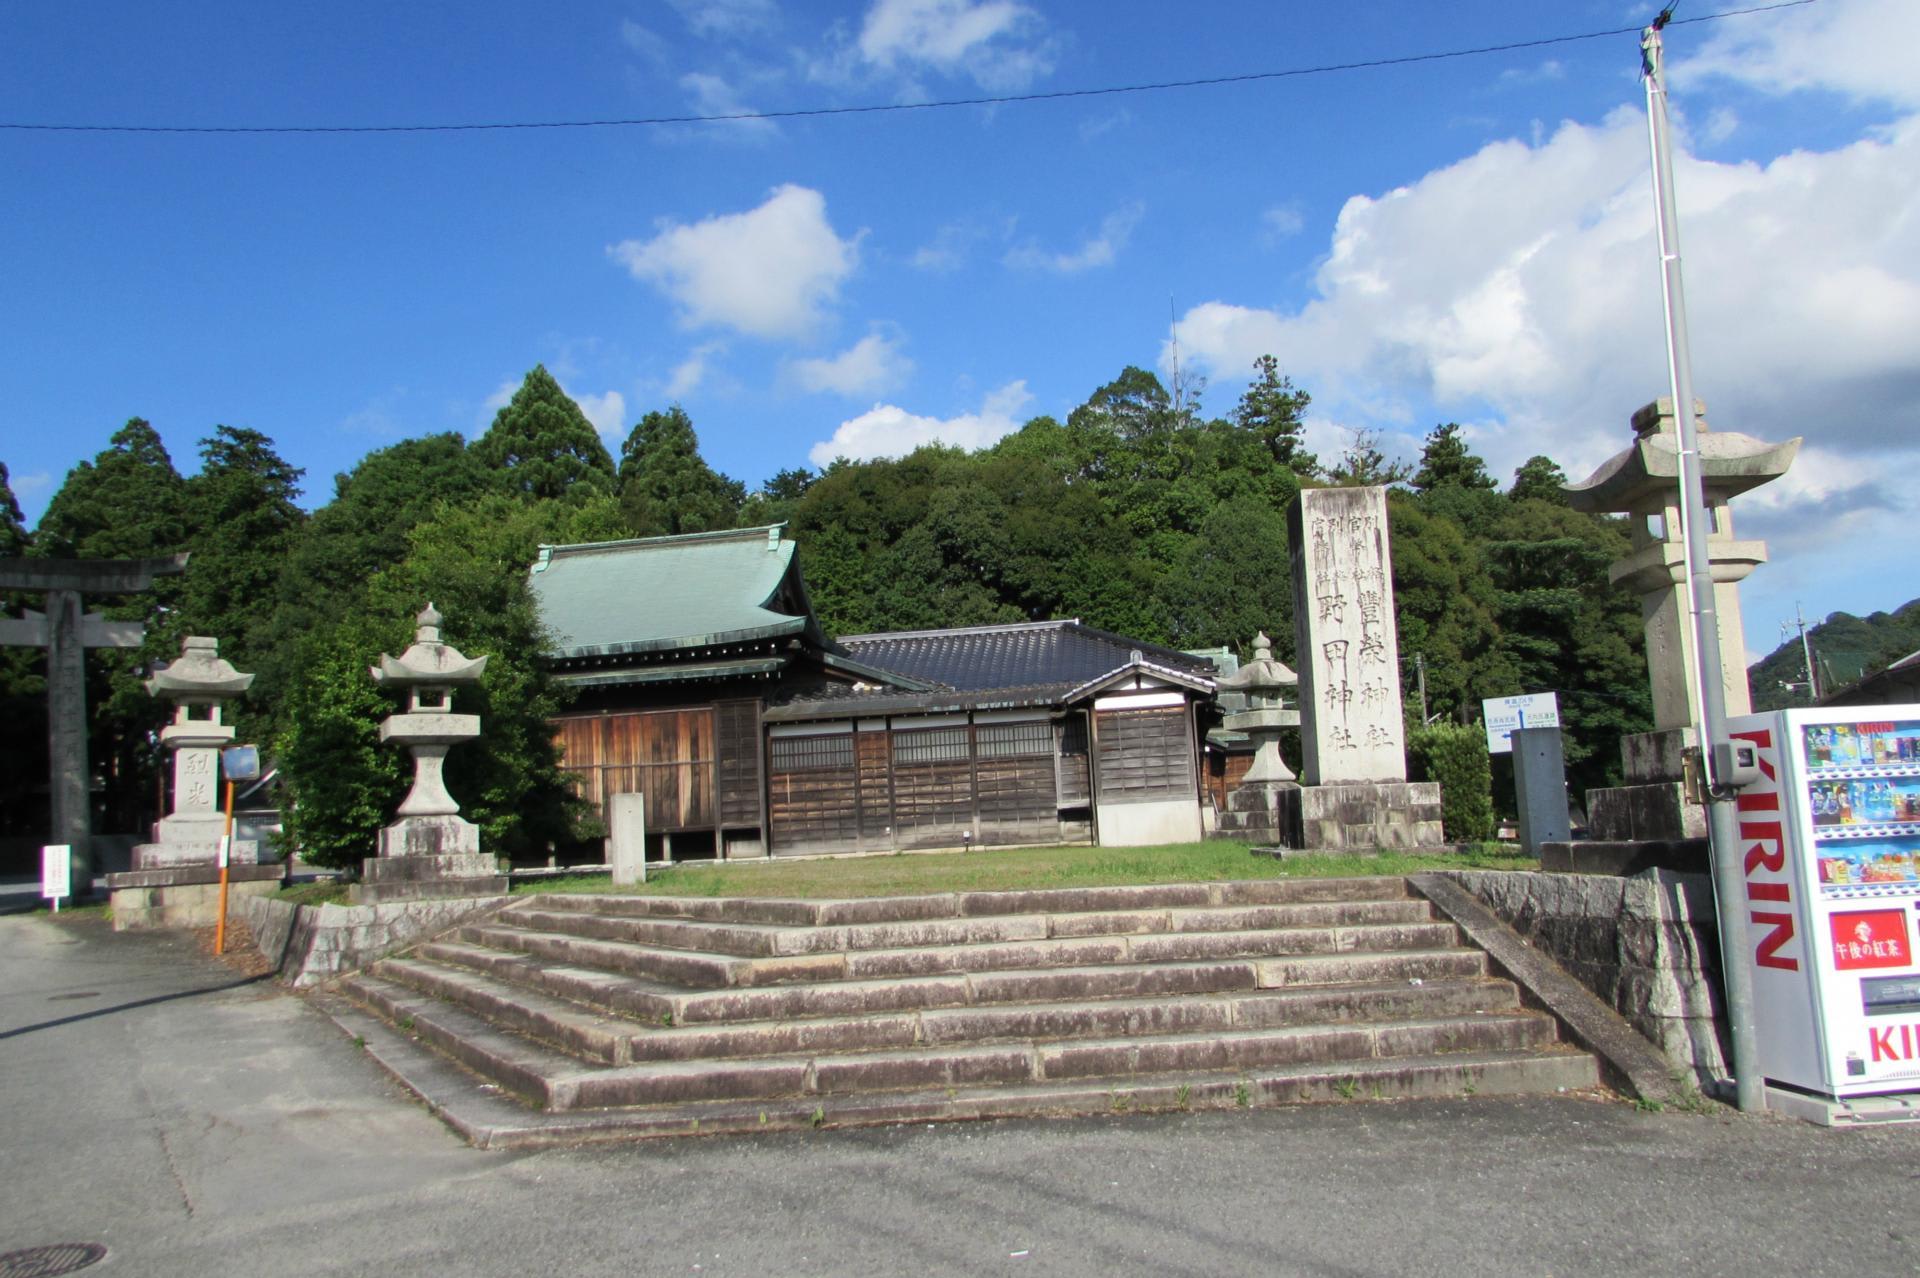 山口市、野田神社・豊栄神社・今八幡宮、八坂神社 - 旅行 写真 ...